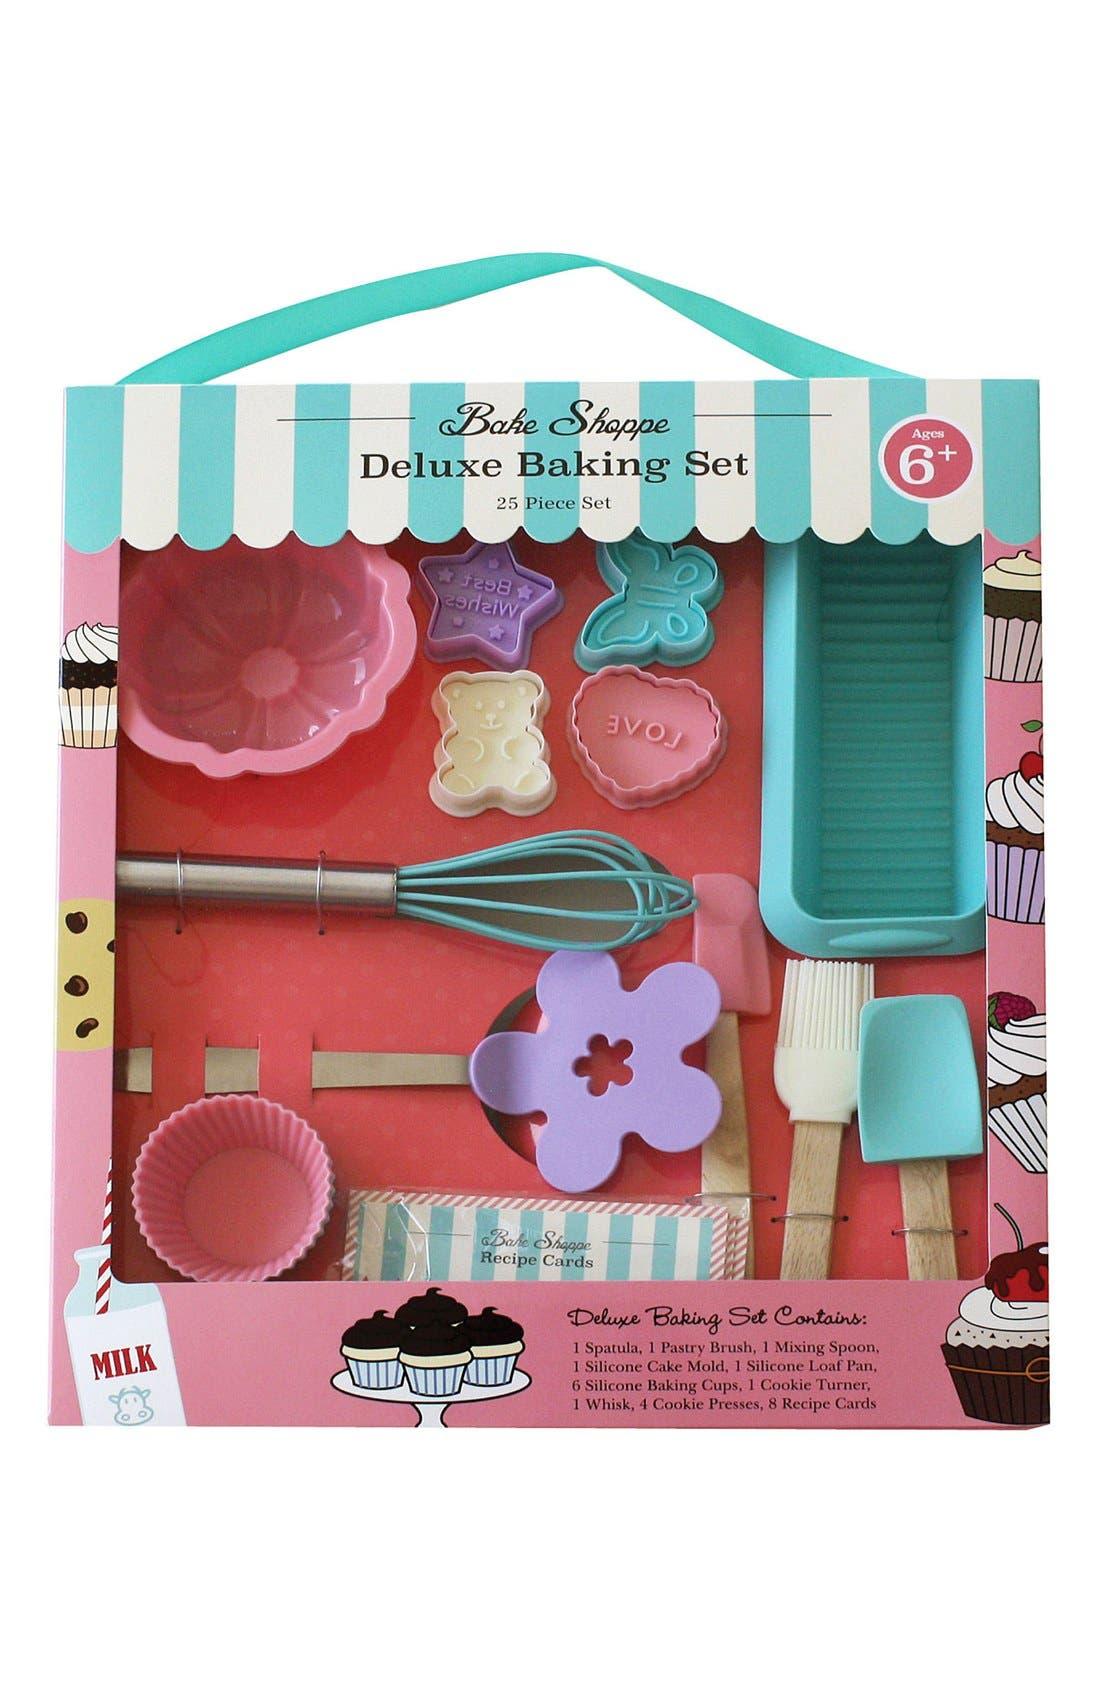 Handstand Kitchen Bake Shoppe Deluxe Baking Kit